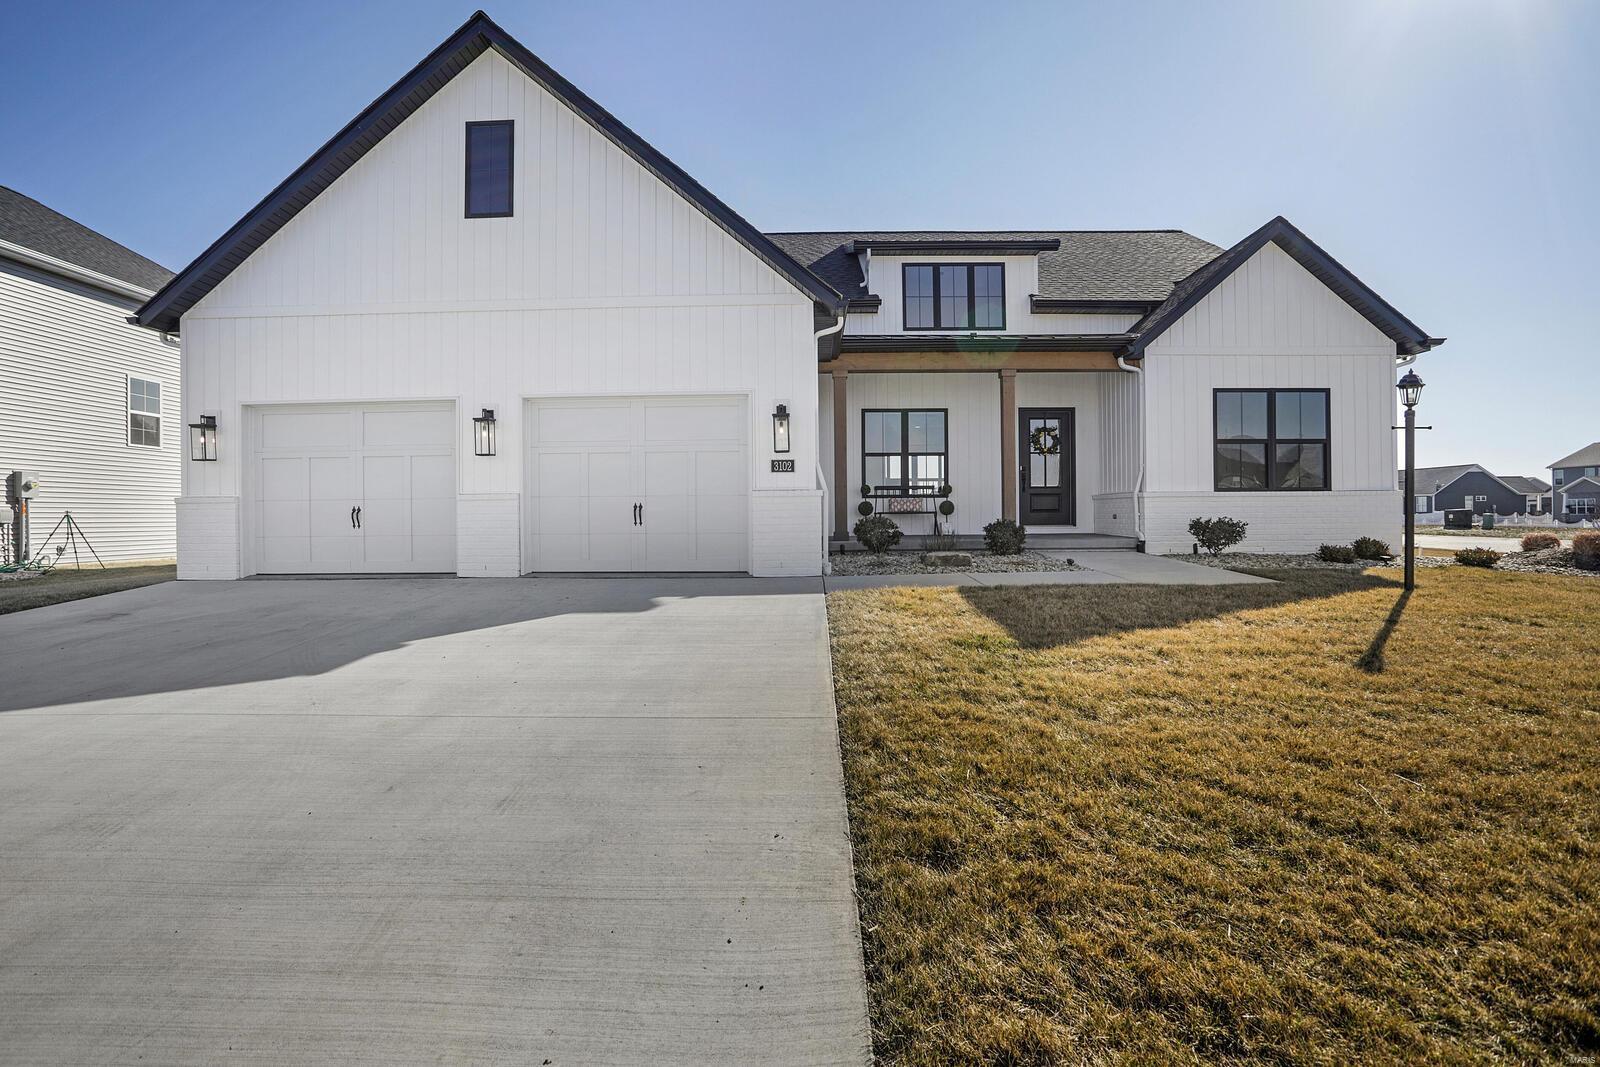 3102 Biloxi Drive Property Photo - Glen Carbon, IL real estate listing